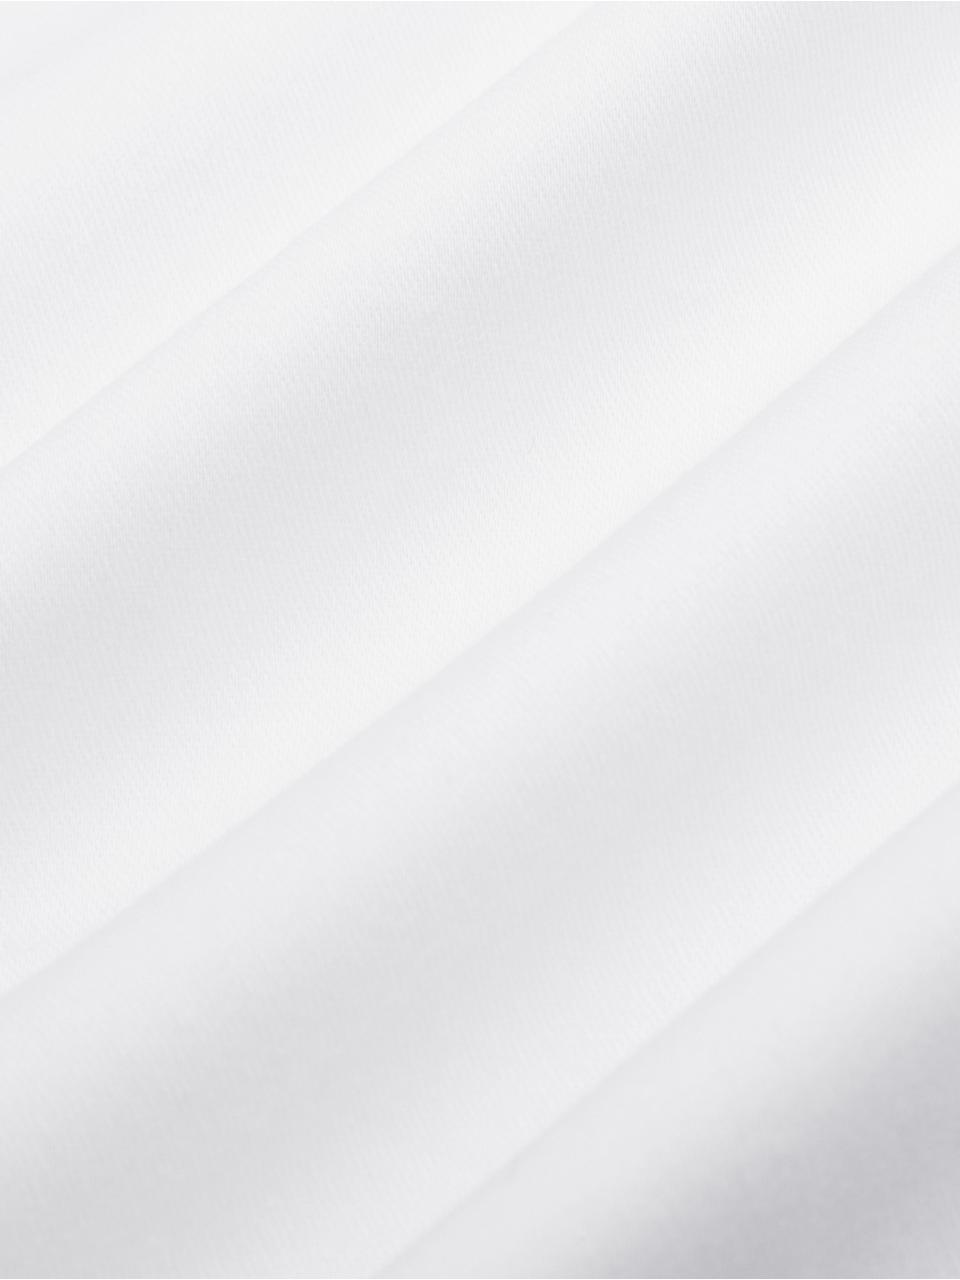 Baumwollsatin-Bettwäsche Premium in Weiss mit Stehsaum, Webart: Satin Fadendichte 400 TC,, Weiss, 135 x 200 cm + 1 Kissen 80 x 80 cm